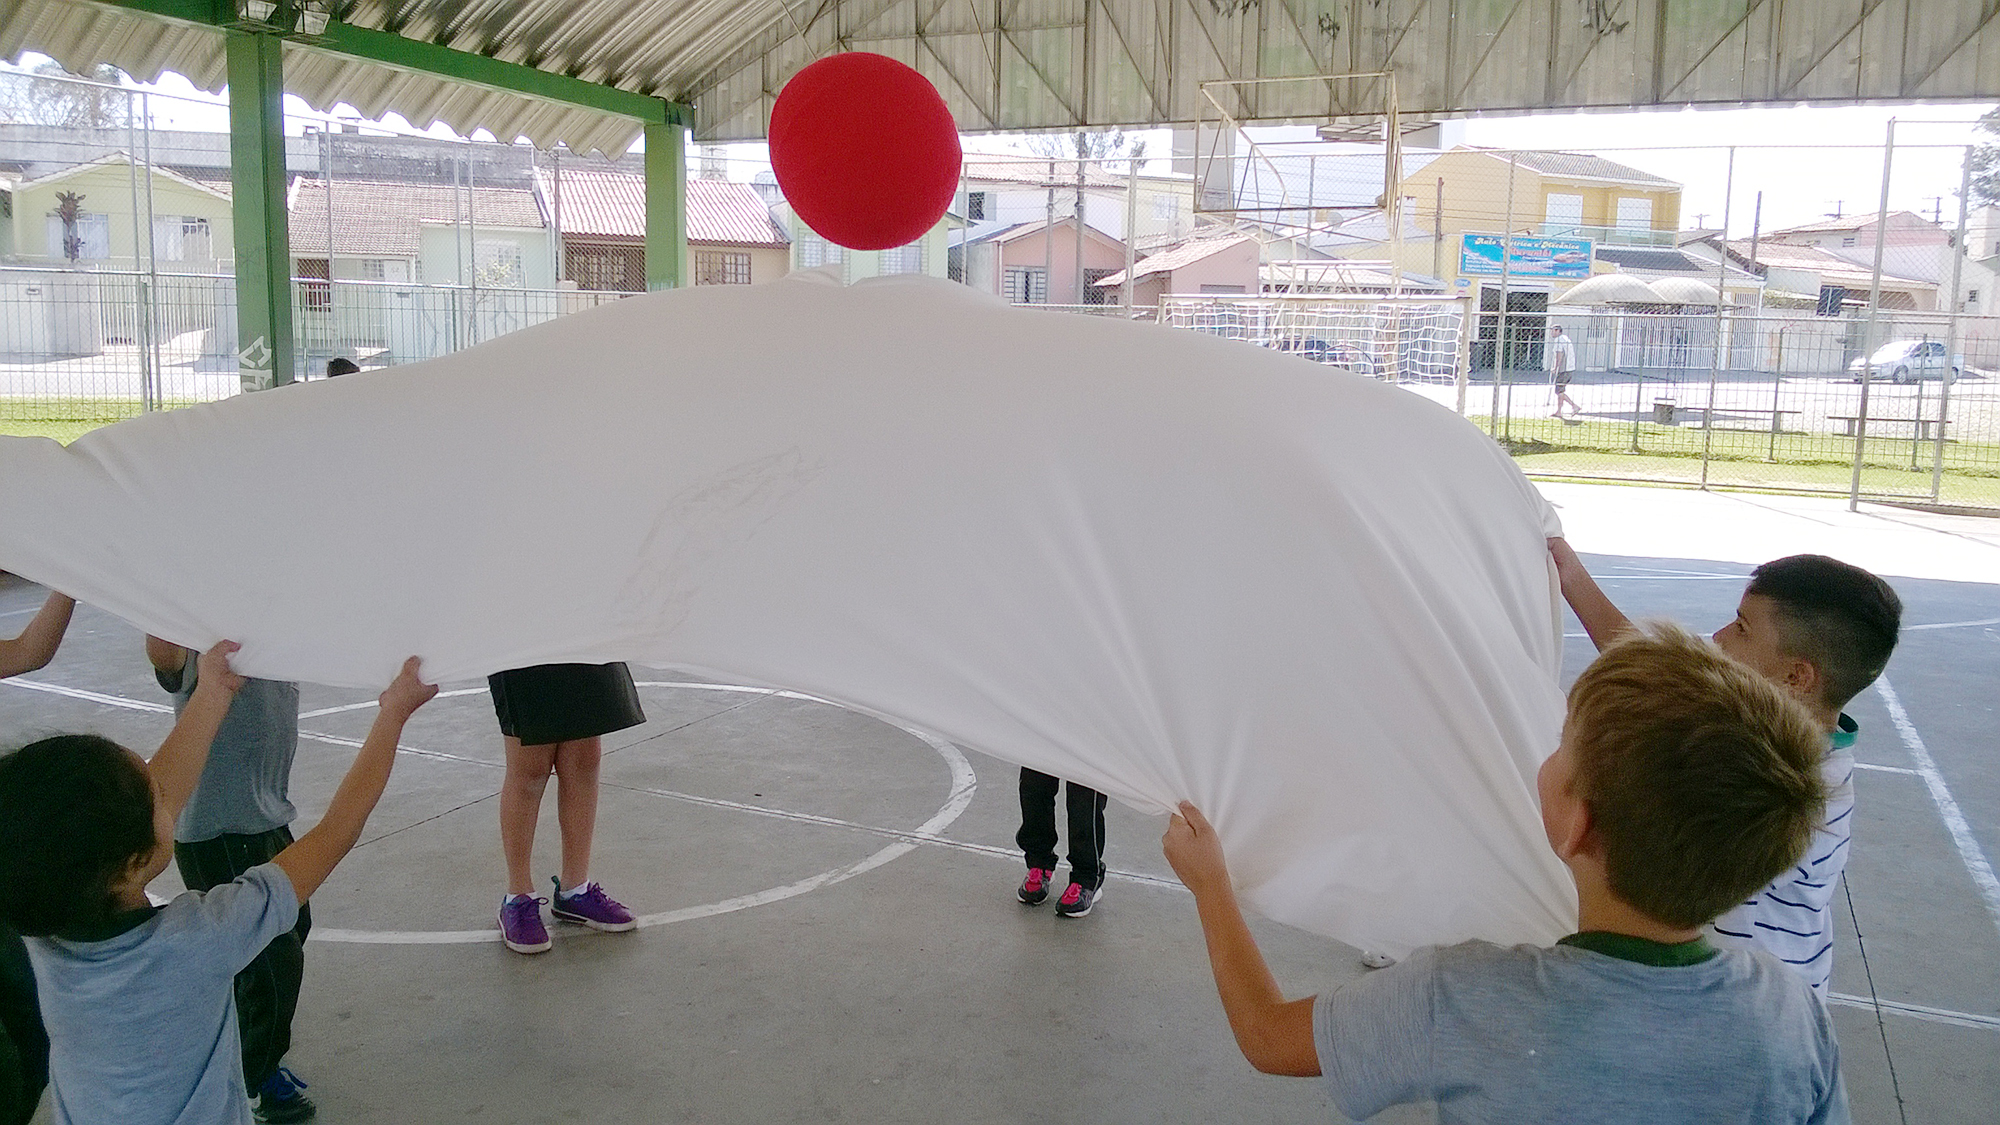 Em uma quadra, um grupo de crianças estica um grande lençol. Eles equilibram uma grande bola vermelha em cima do tecido.